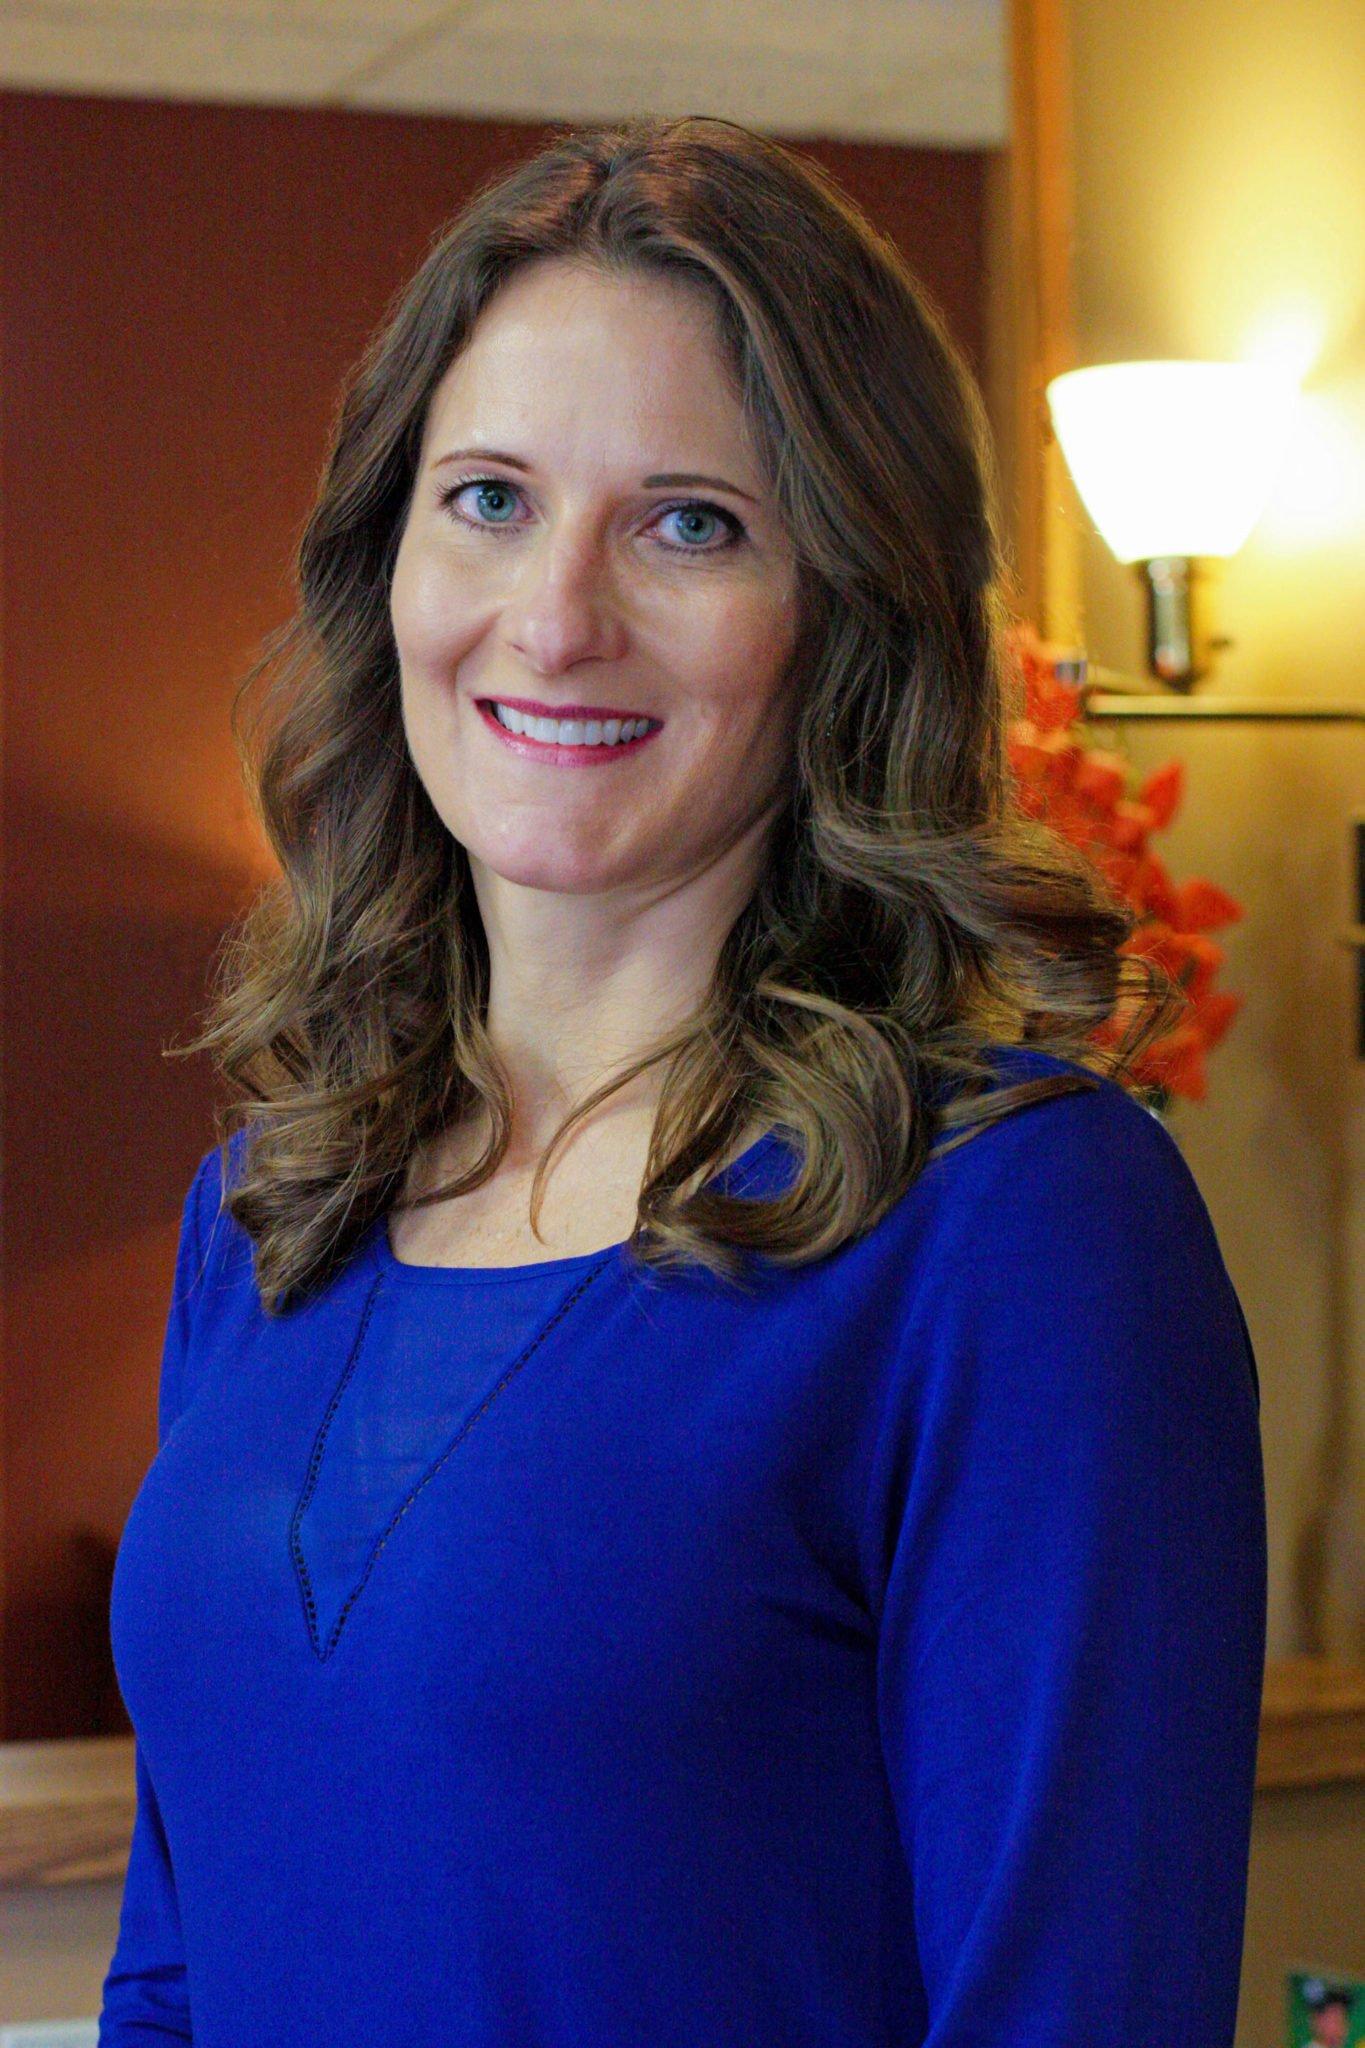 Omaha Endodontist - Dr. Caci Libentritt